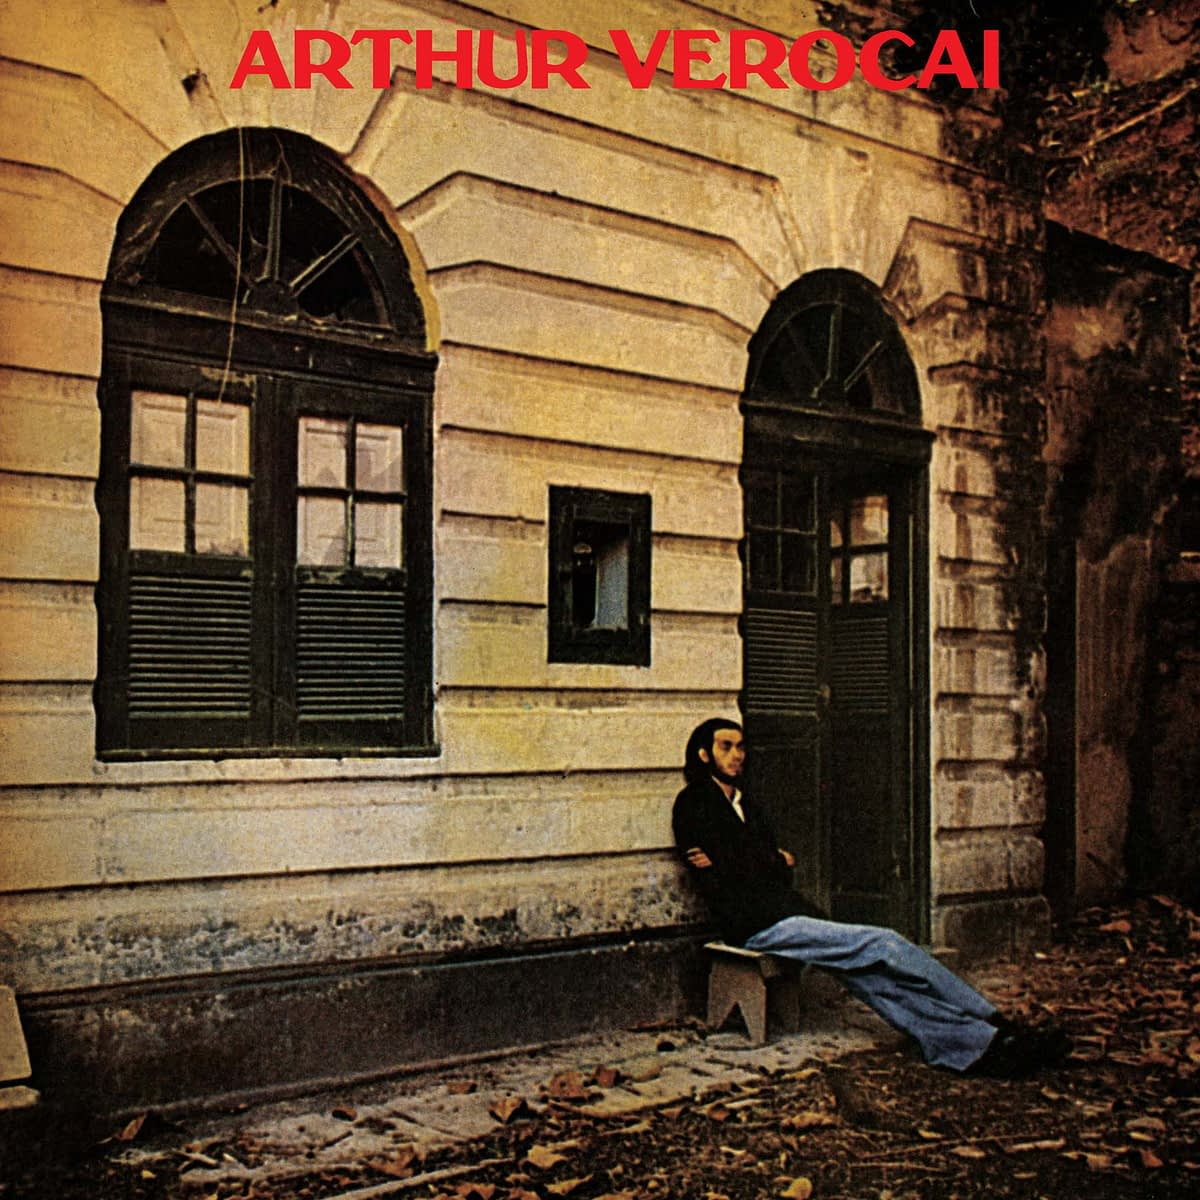 Дебютный одноименный альбом Arthur Verocai получил виниловое переиздание